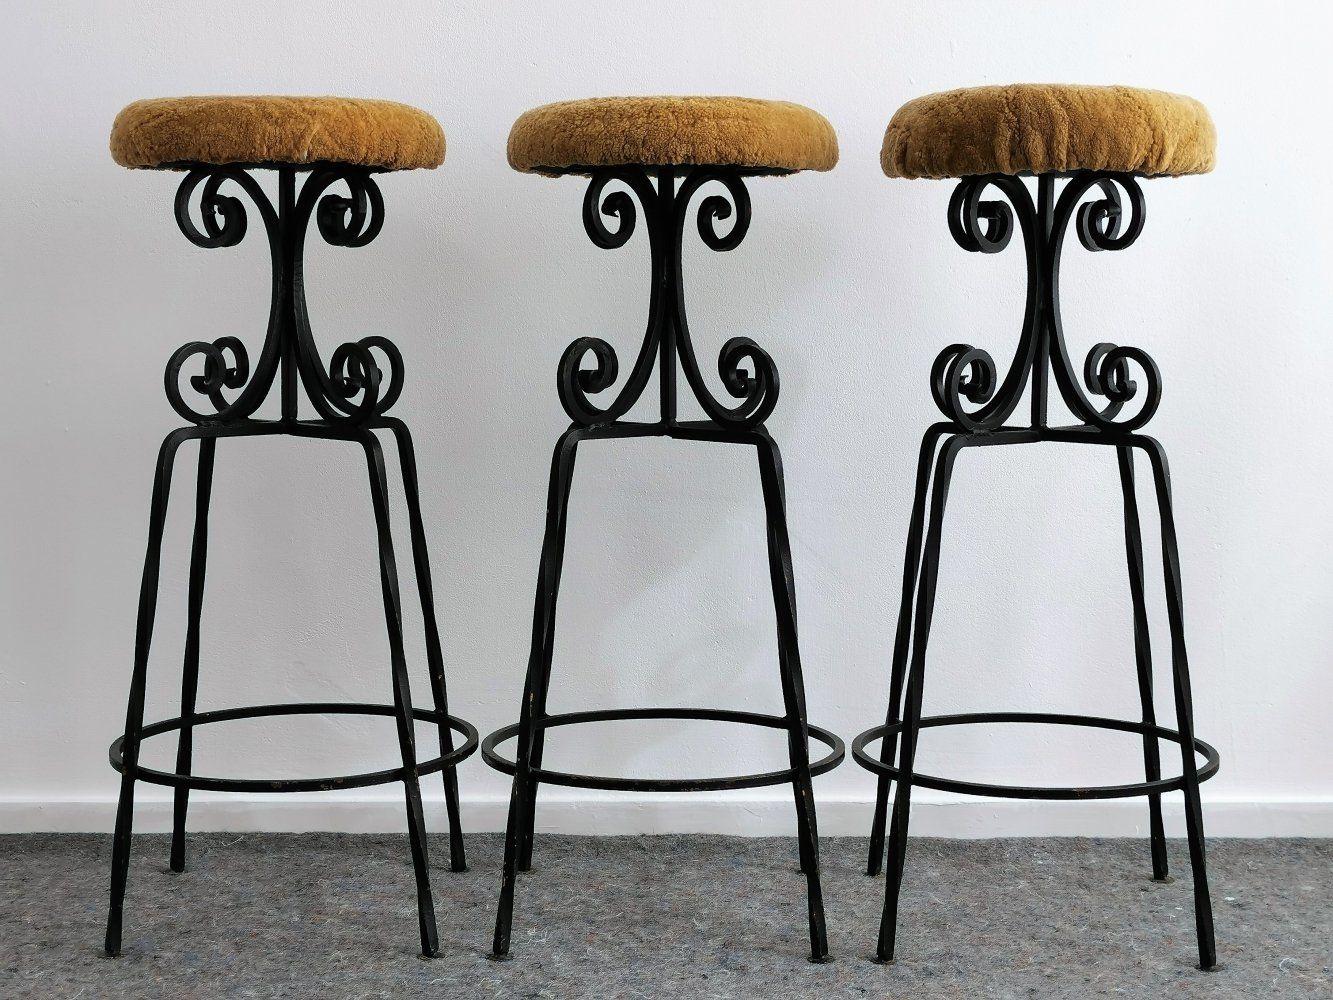 Pin On Vintage Design Seating